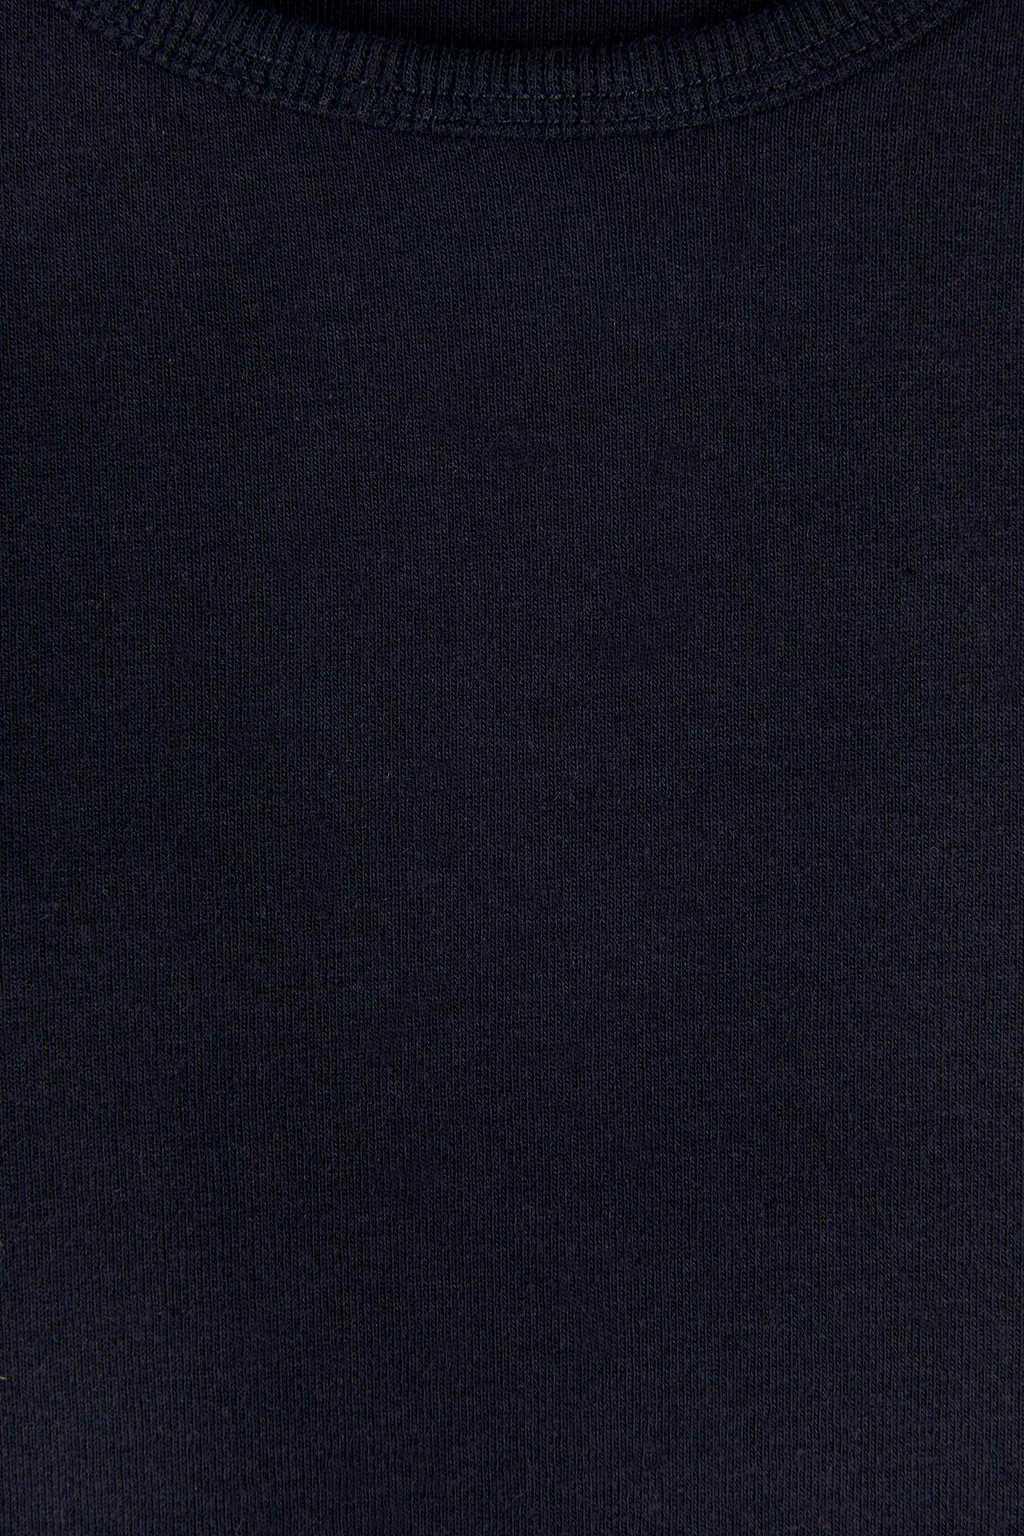 TShirt 3344 Black 6